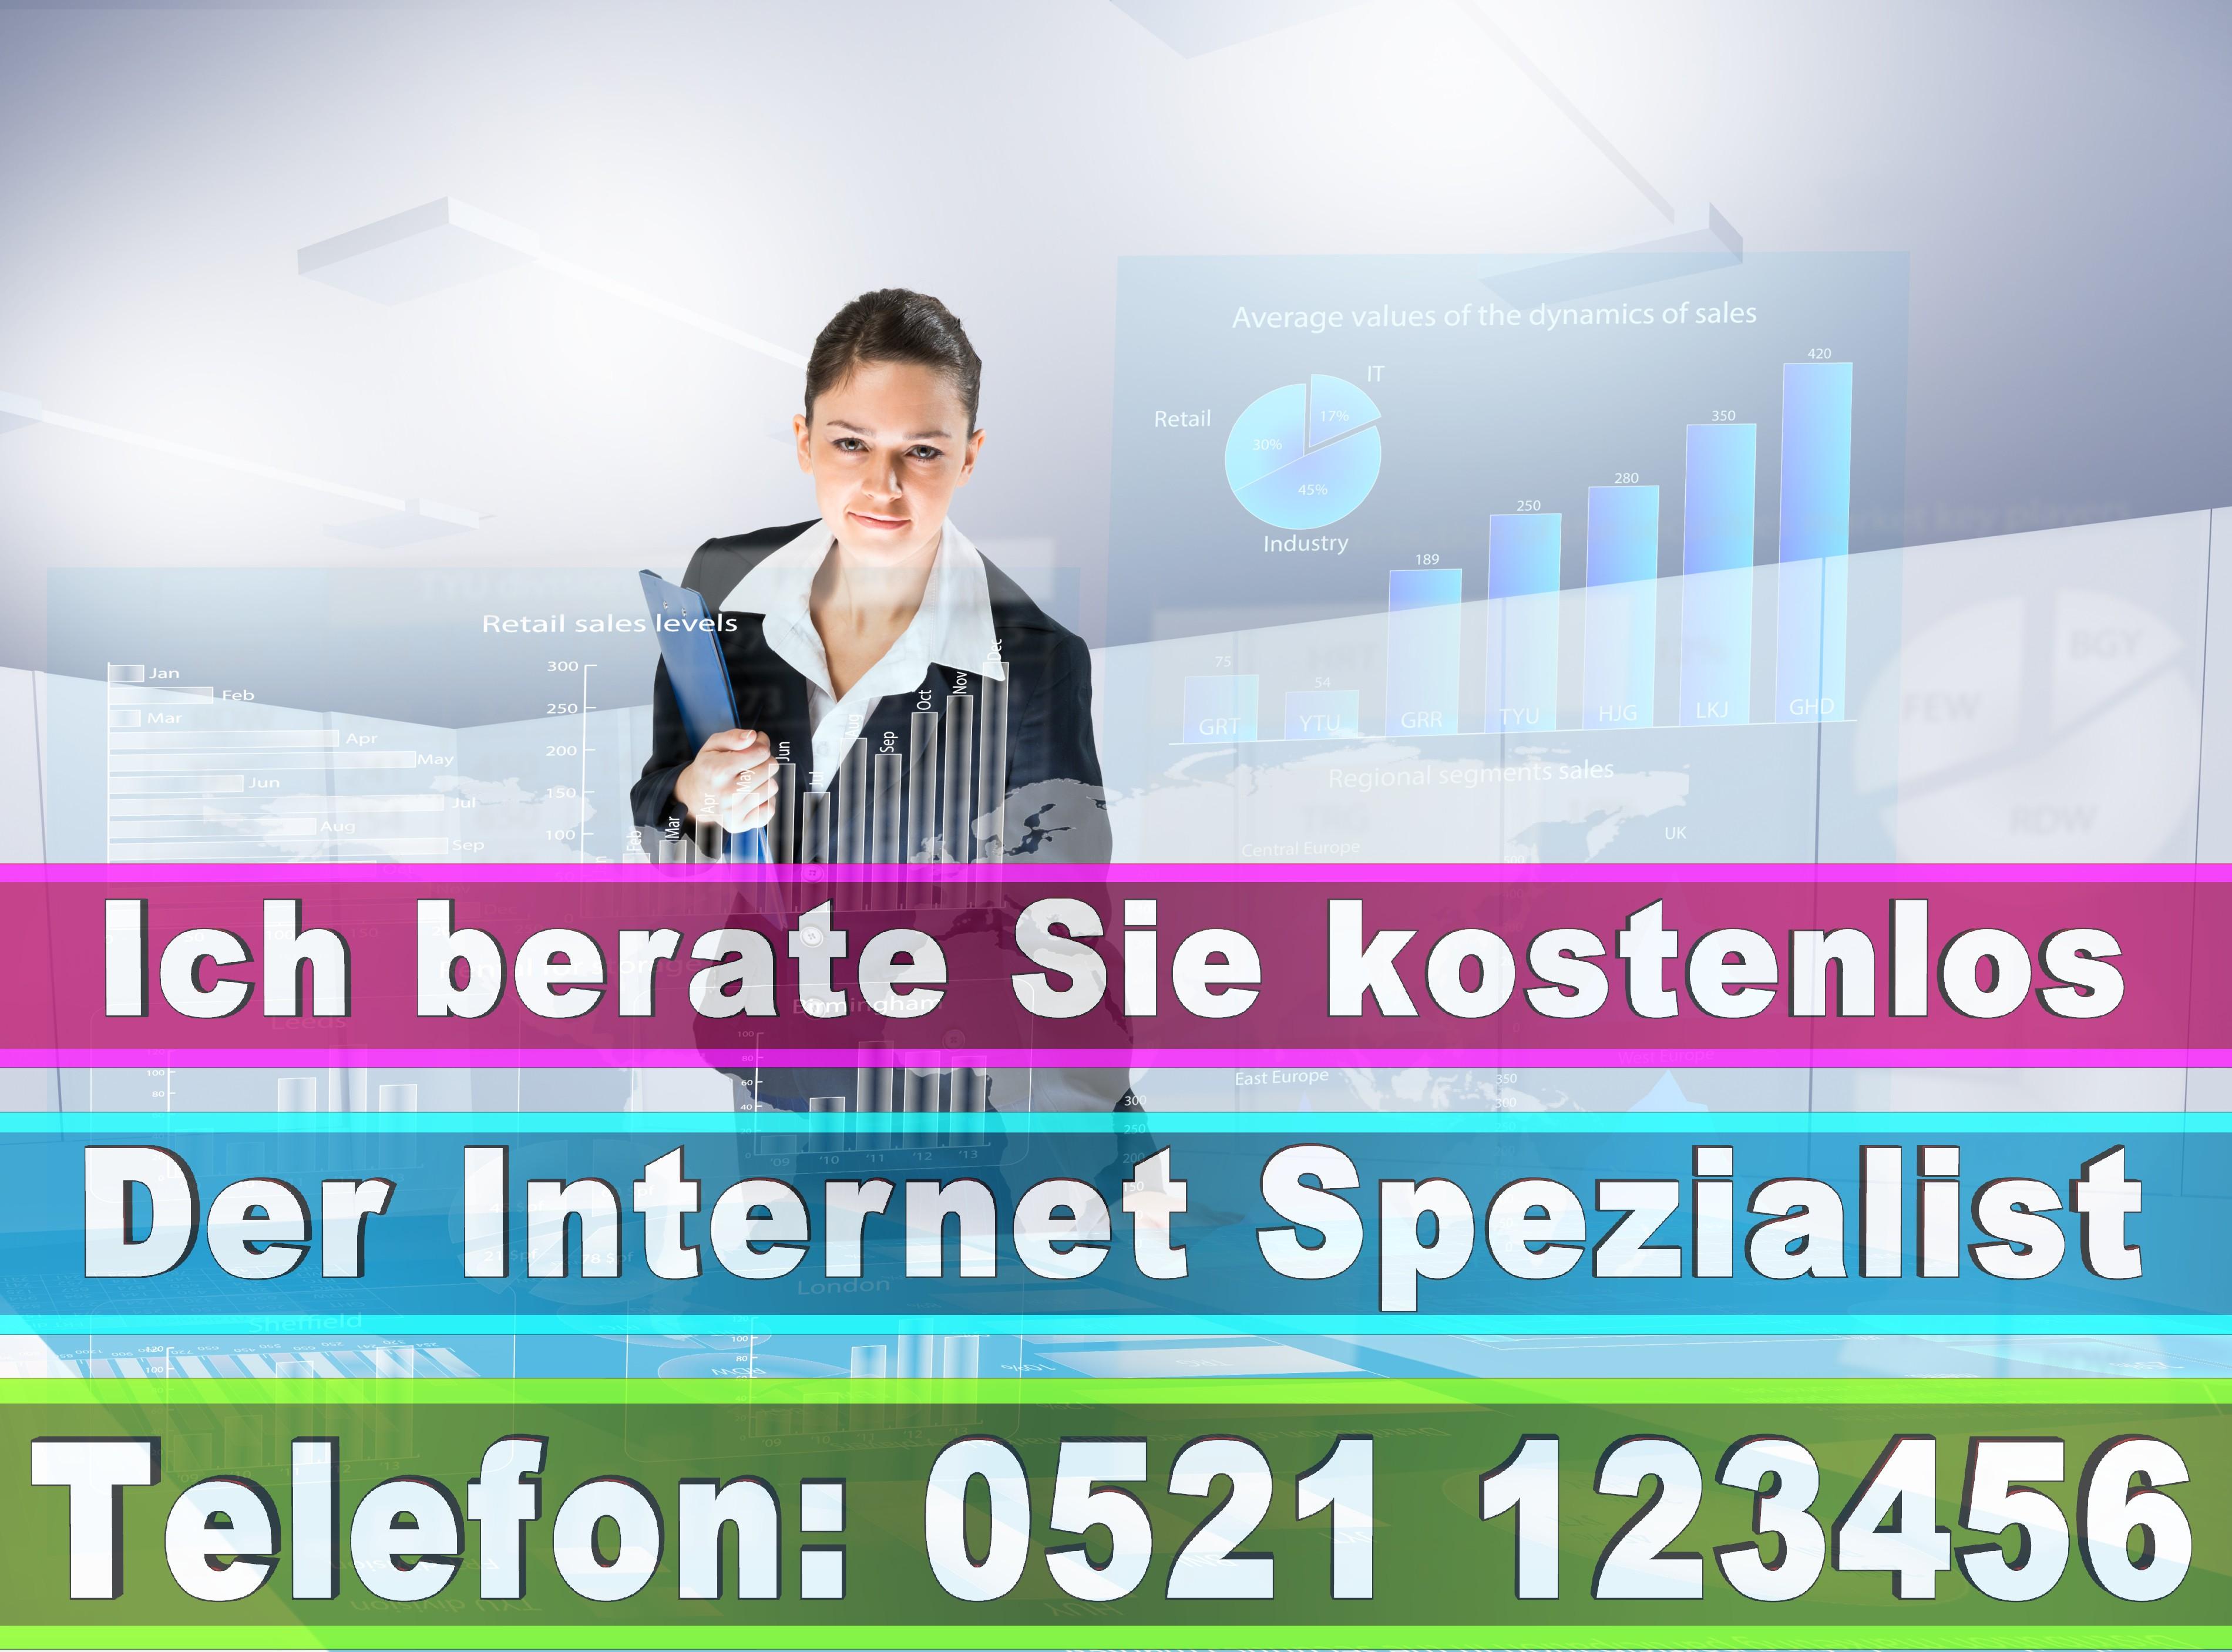 Rechtsanwalt Bielefeld Gütersloh Detmold Paderborn Münster Osnabrück Dortmund Essen Düsseldorf Köln Berlin Hamburg (25)